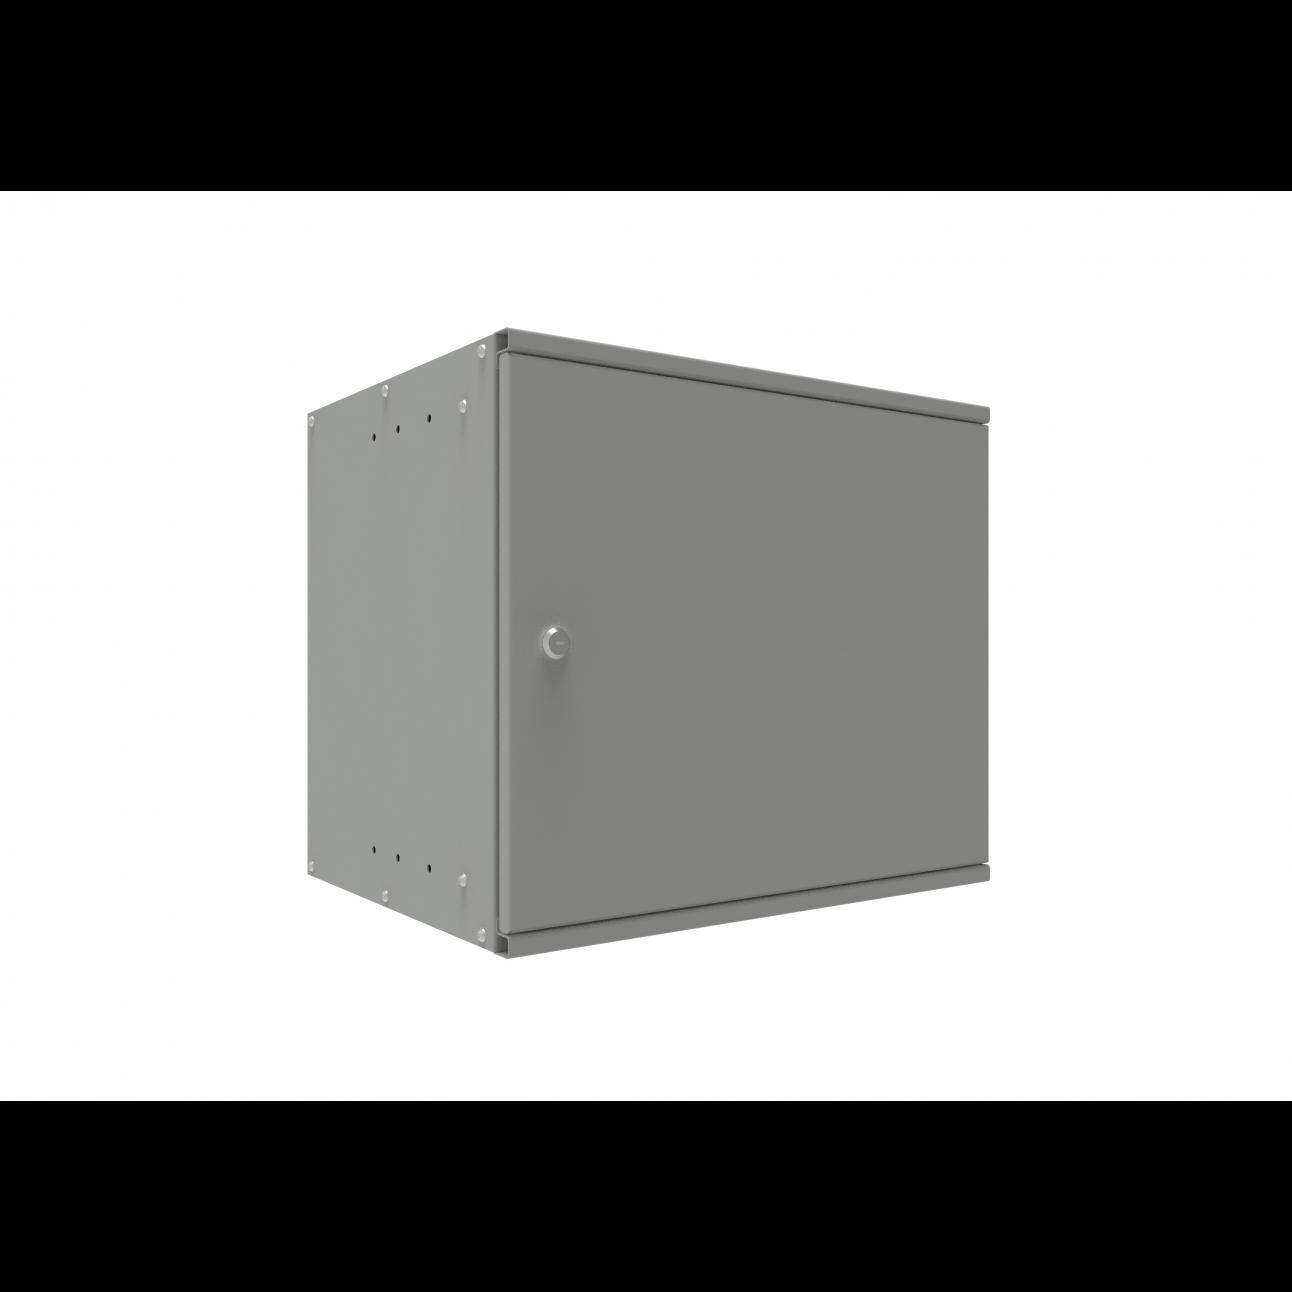 Шкаф телекоммуникационный настенный 9U SNR-BNP6009-M (дверь металлическая)